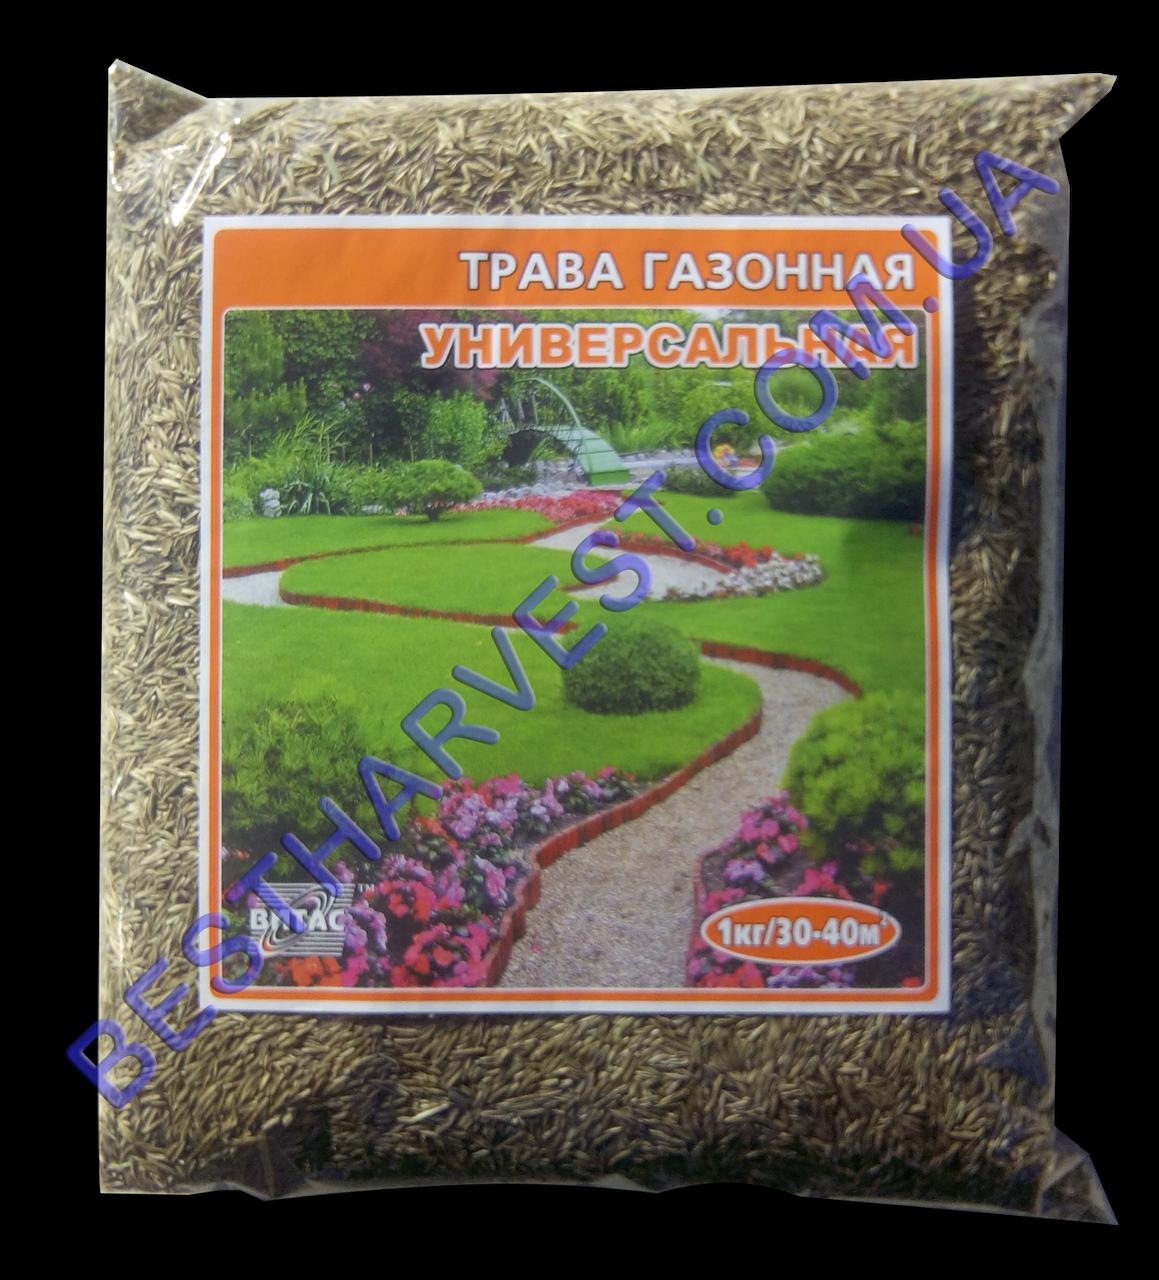 Куплю семена травы газонной травы